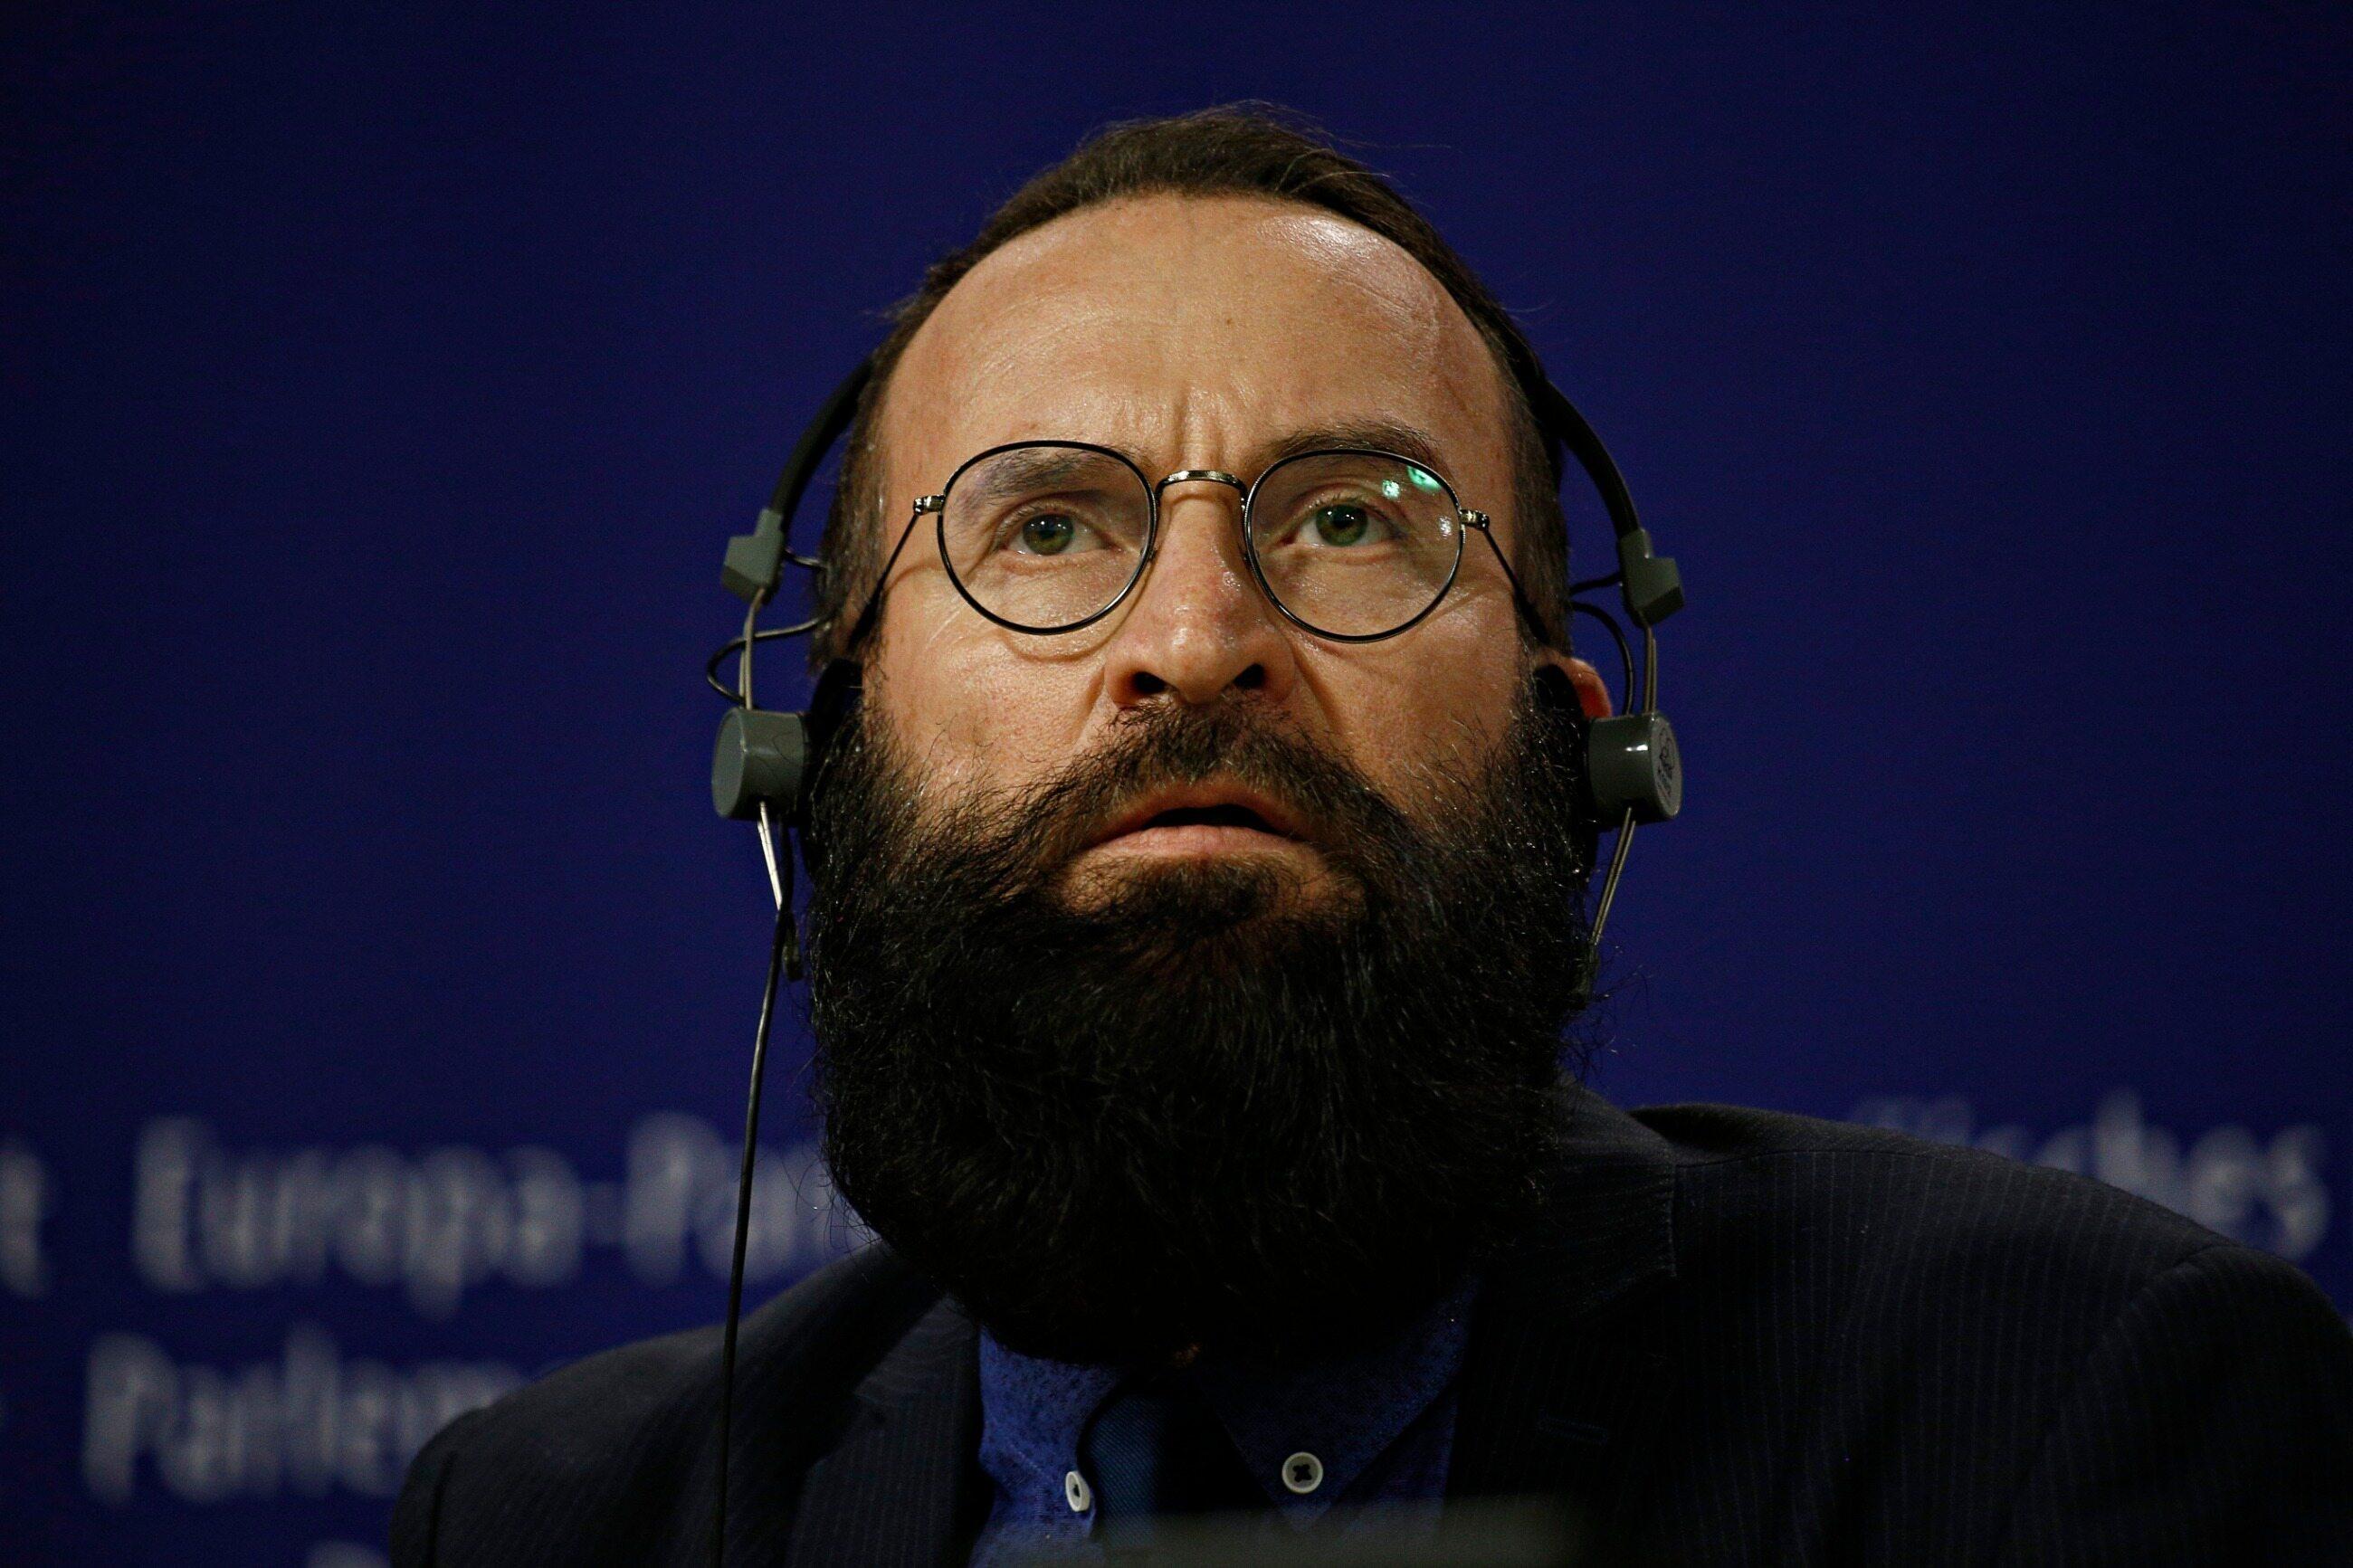 József Szajer